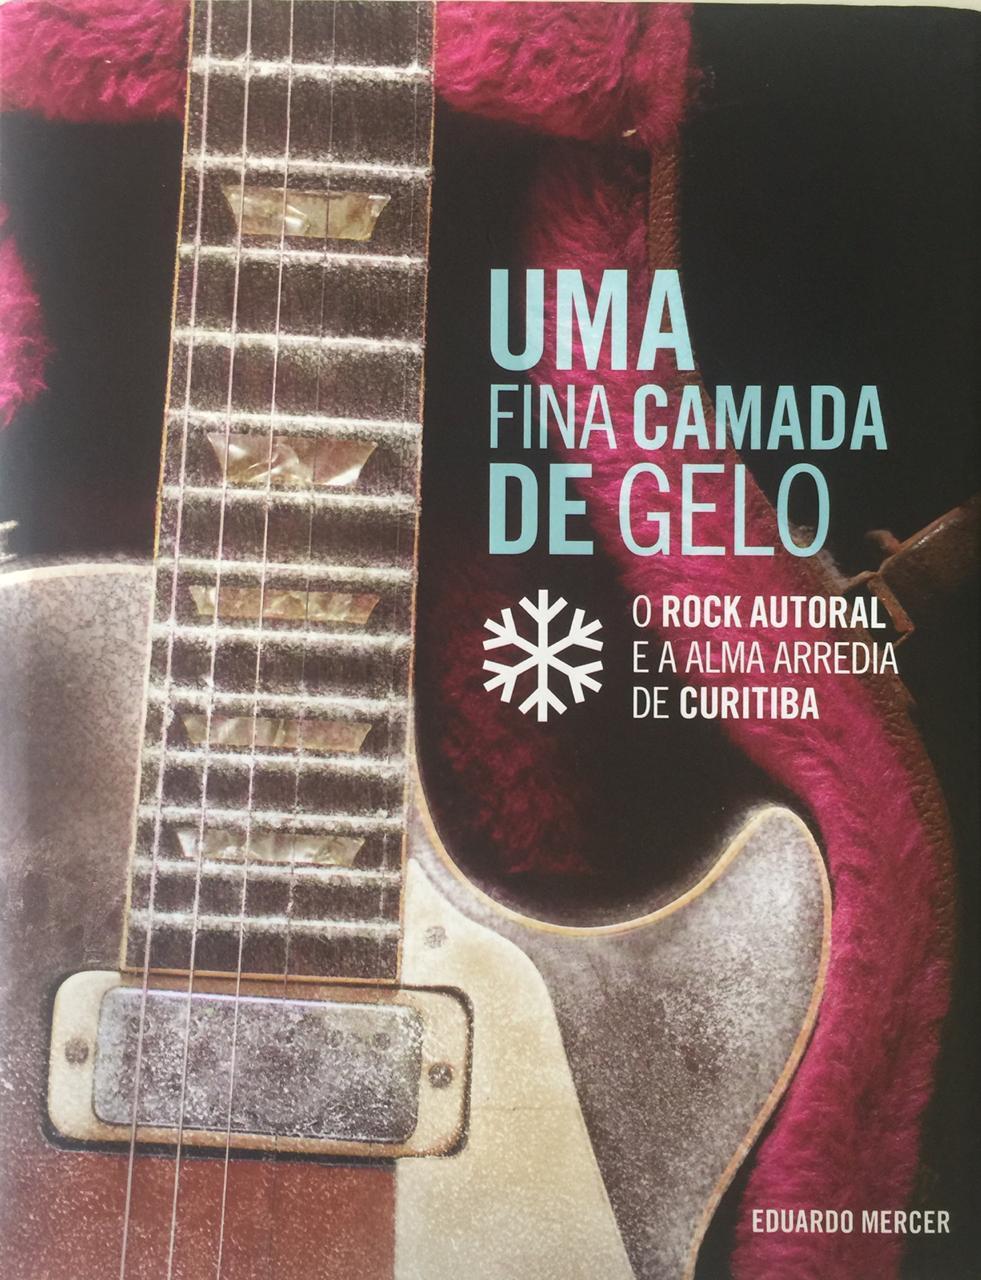 Livro sobre o rock de Curitiba ganha nova tiragem